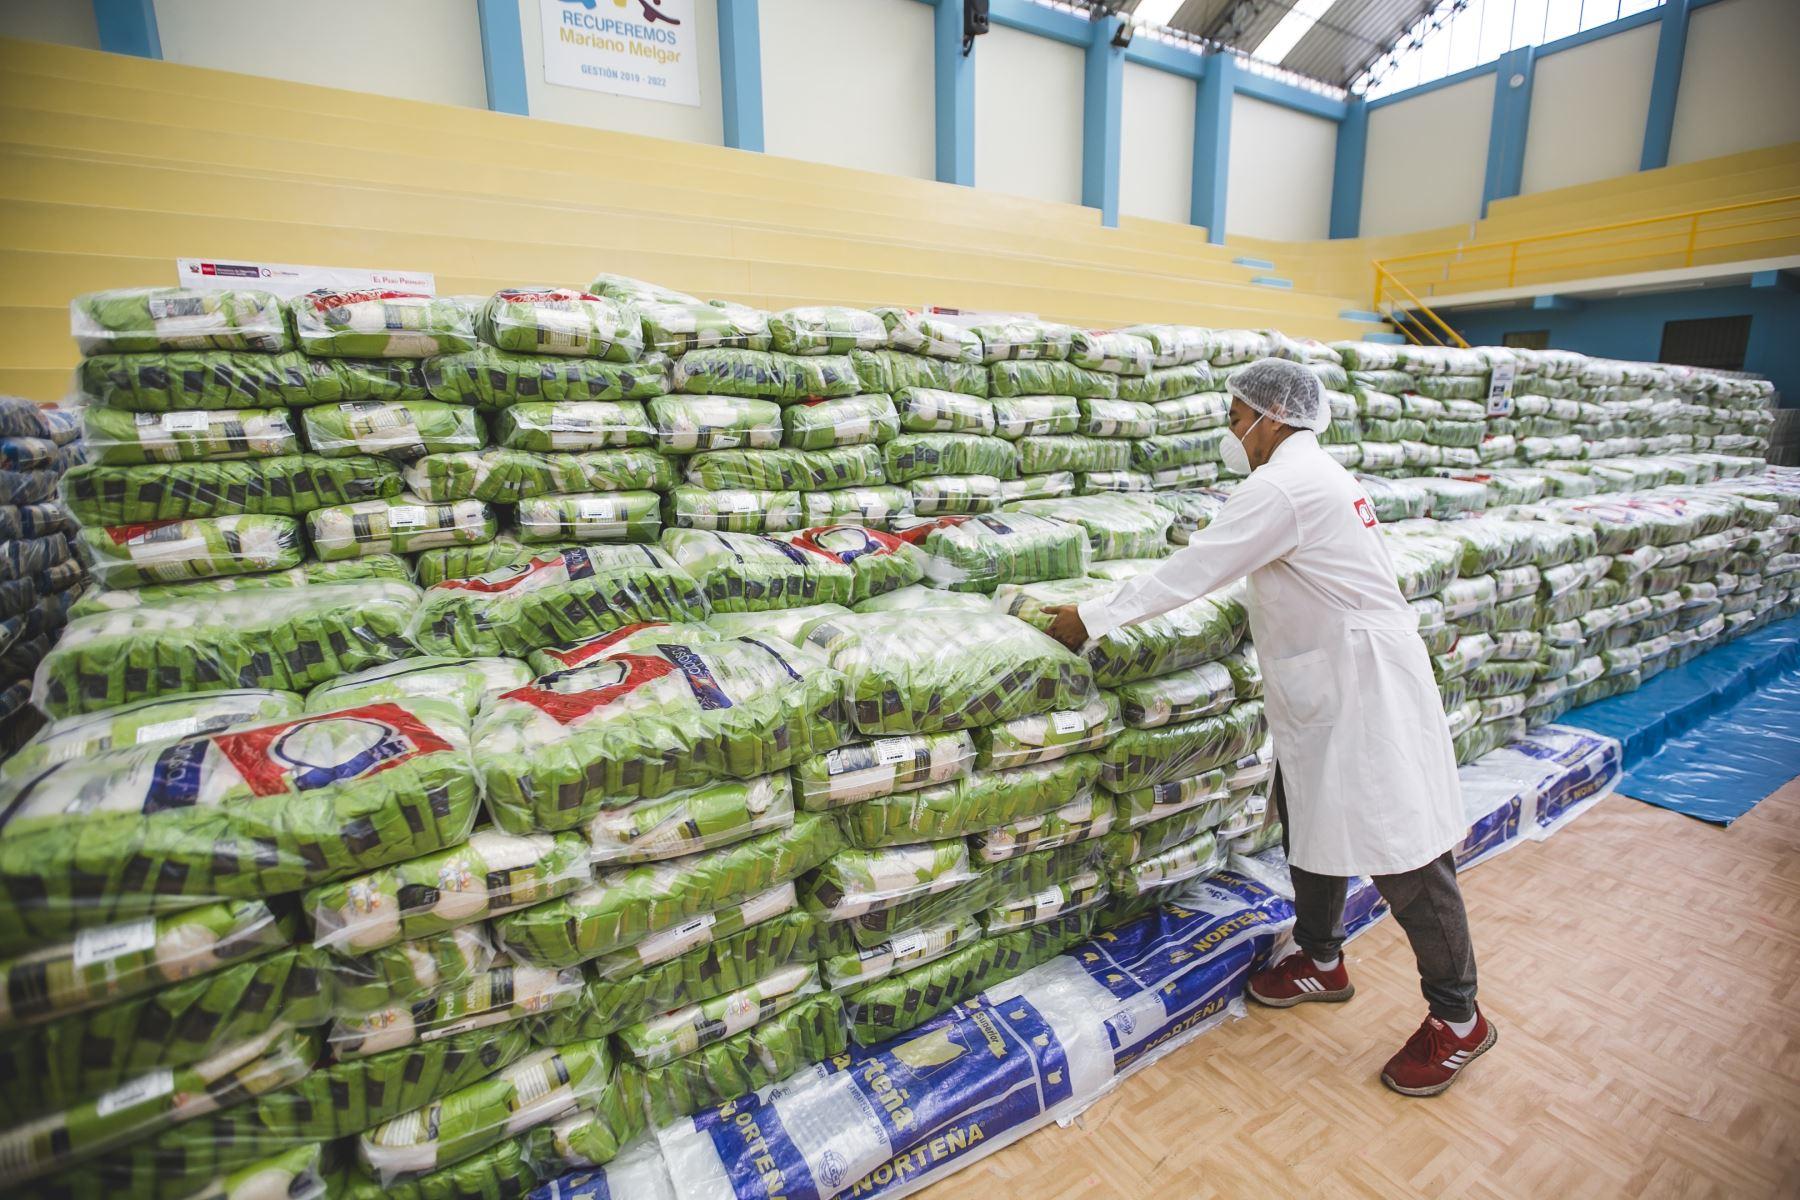 Ministra Patricia Donayre participó en la entrega de alimentos del programa Qali Warma para ciudadanos vulnerables de la región Arequipa. Foto: ANDINA/MIDIS